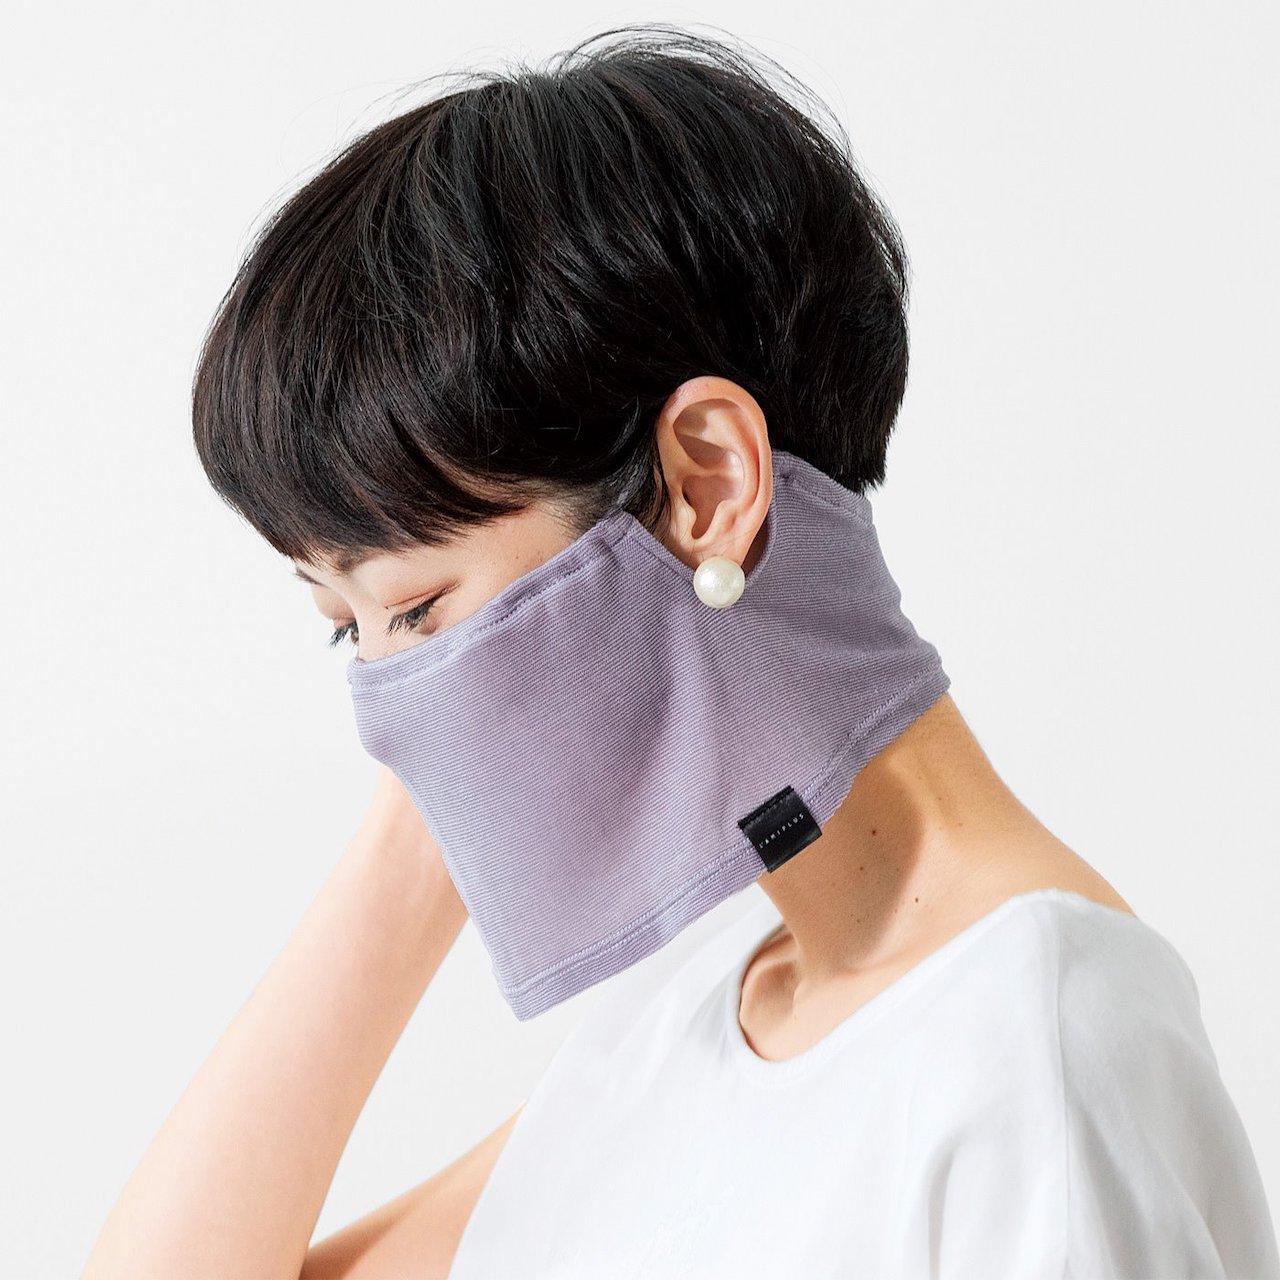 スヌードマスクを着用した女性